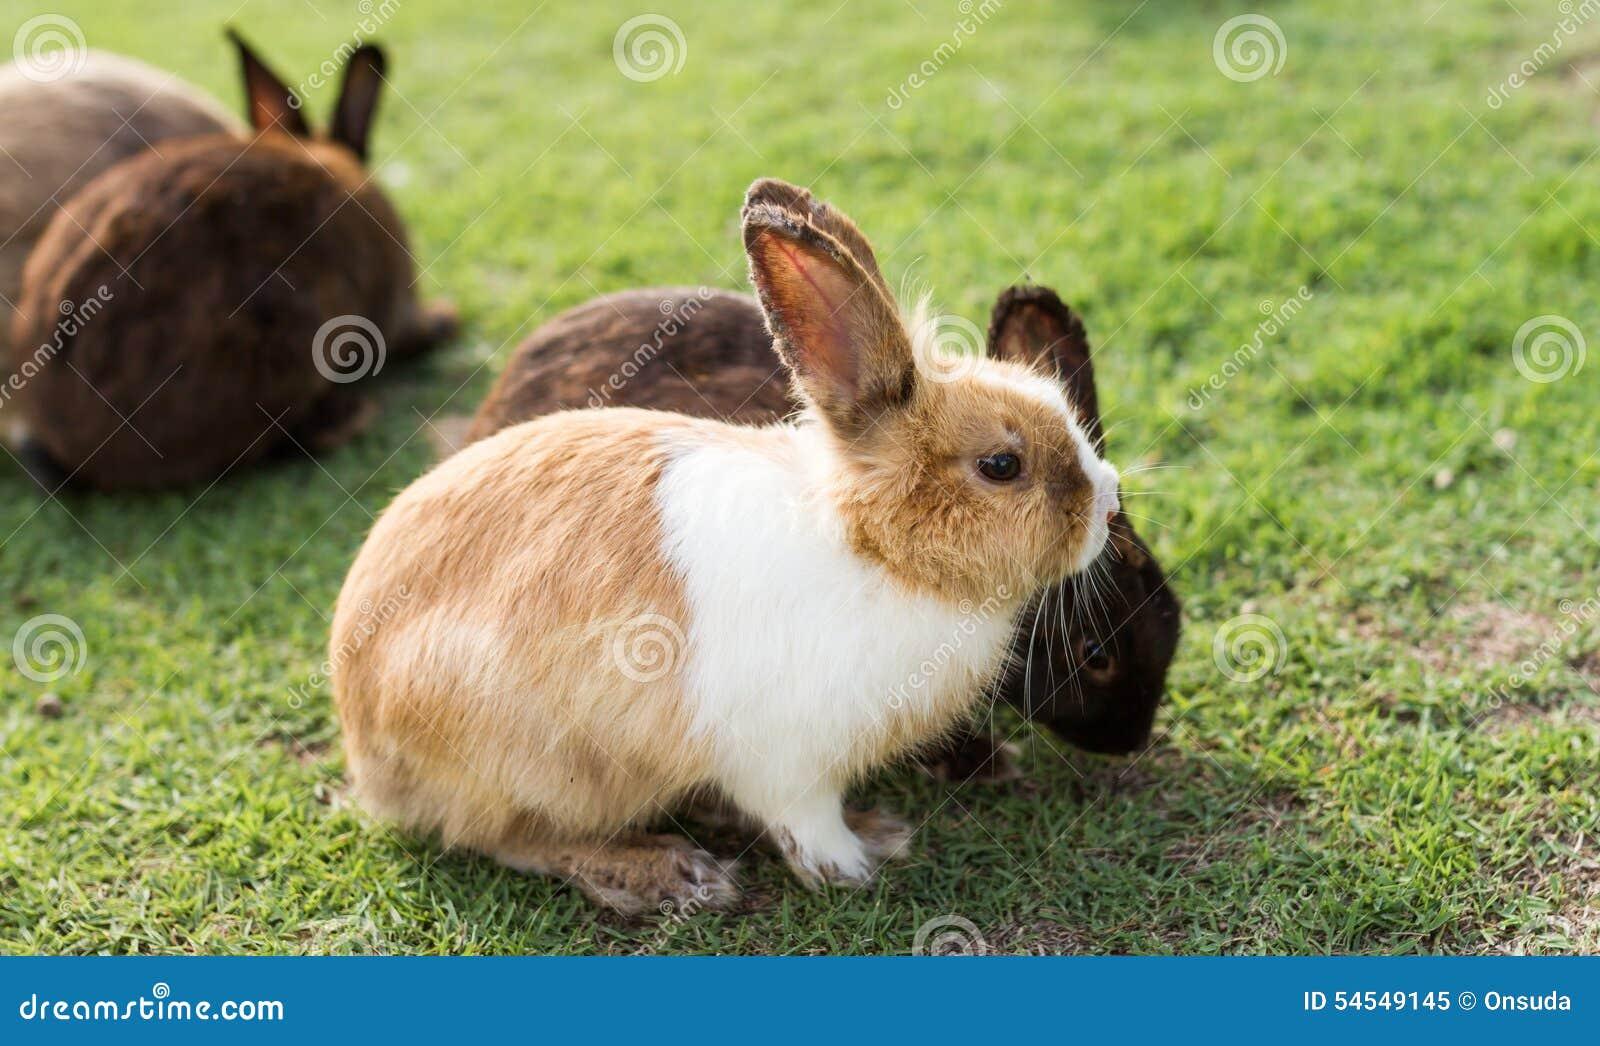 Nette Kaninchen Im Garten Stockbild Bild Von Essen Pelz 54549145